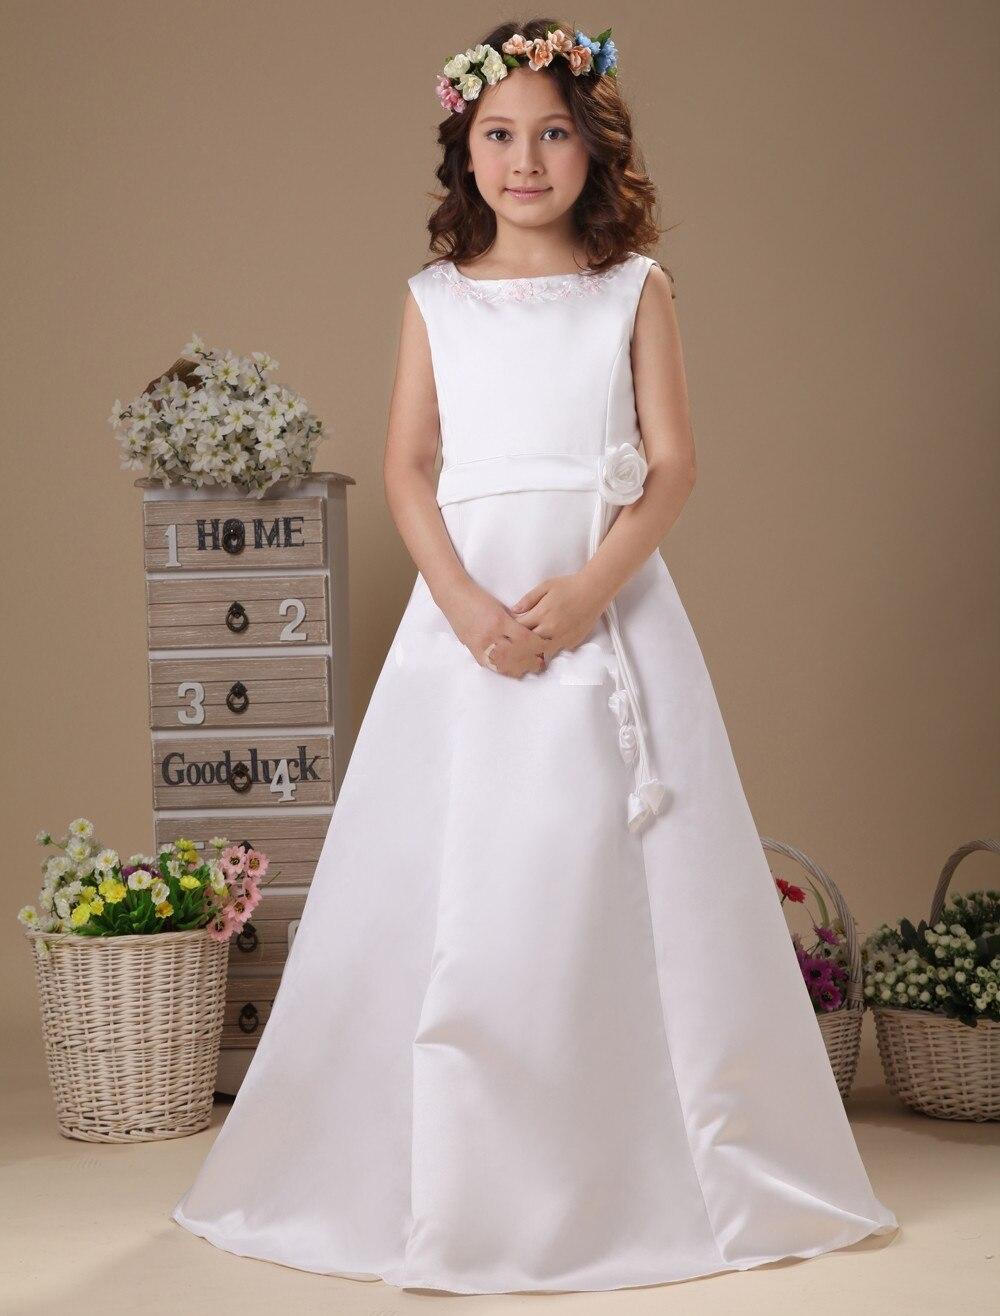 Vestido Comunion 2017 Vestido Para Daminha With Sash Custom Made Simple White   Flower     Girl     Dresses   First Communion   Dresses